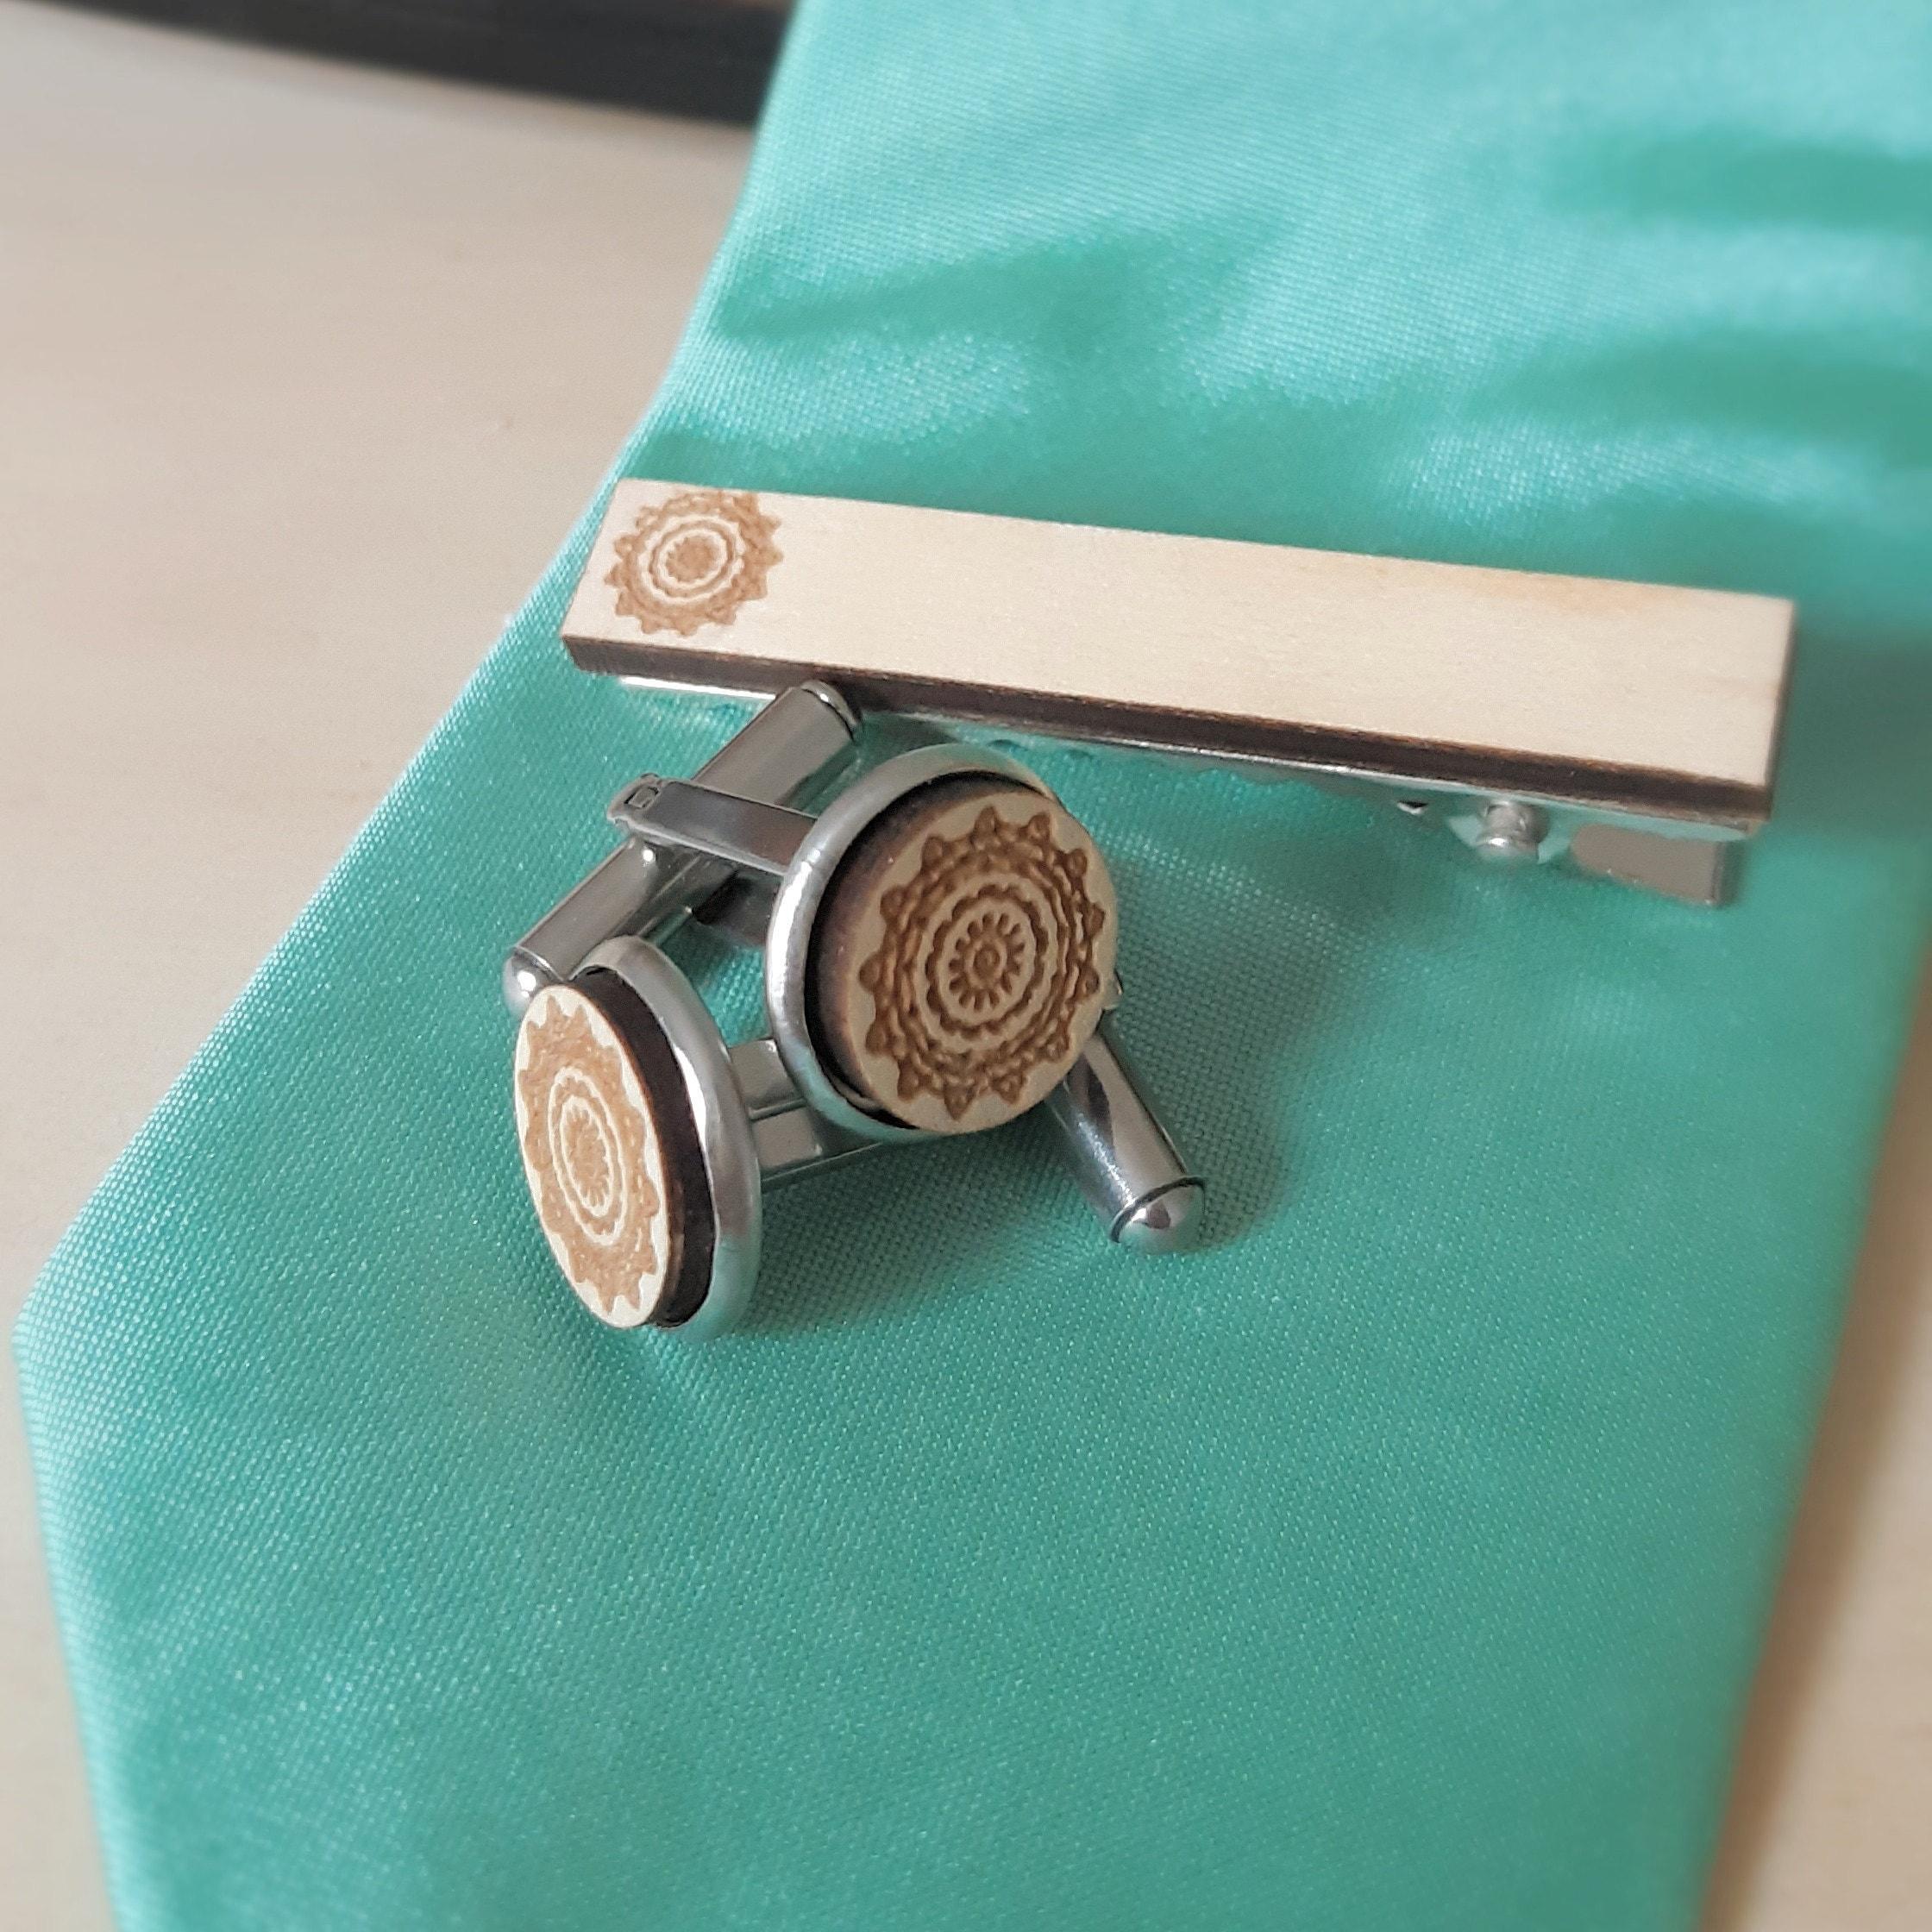 Cufflinks. Tie clip